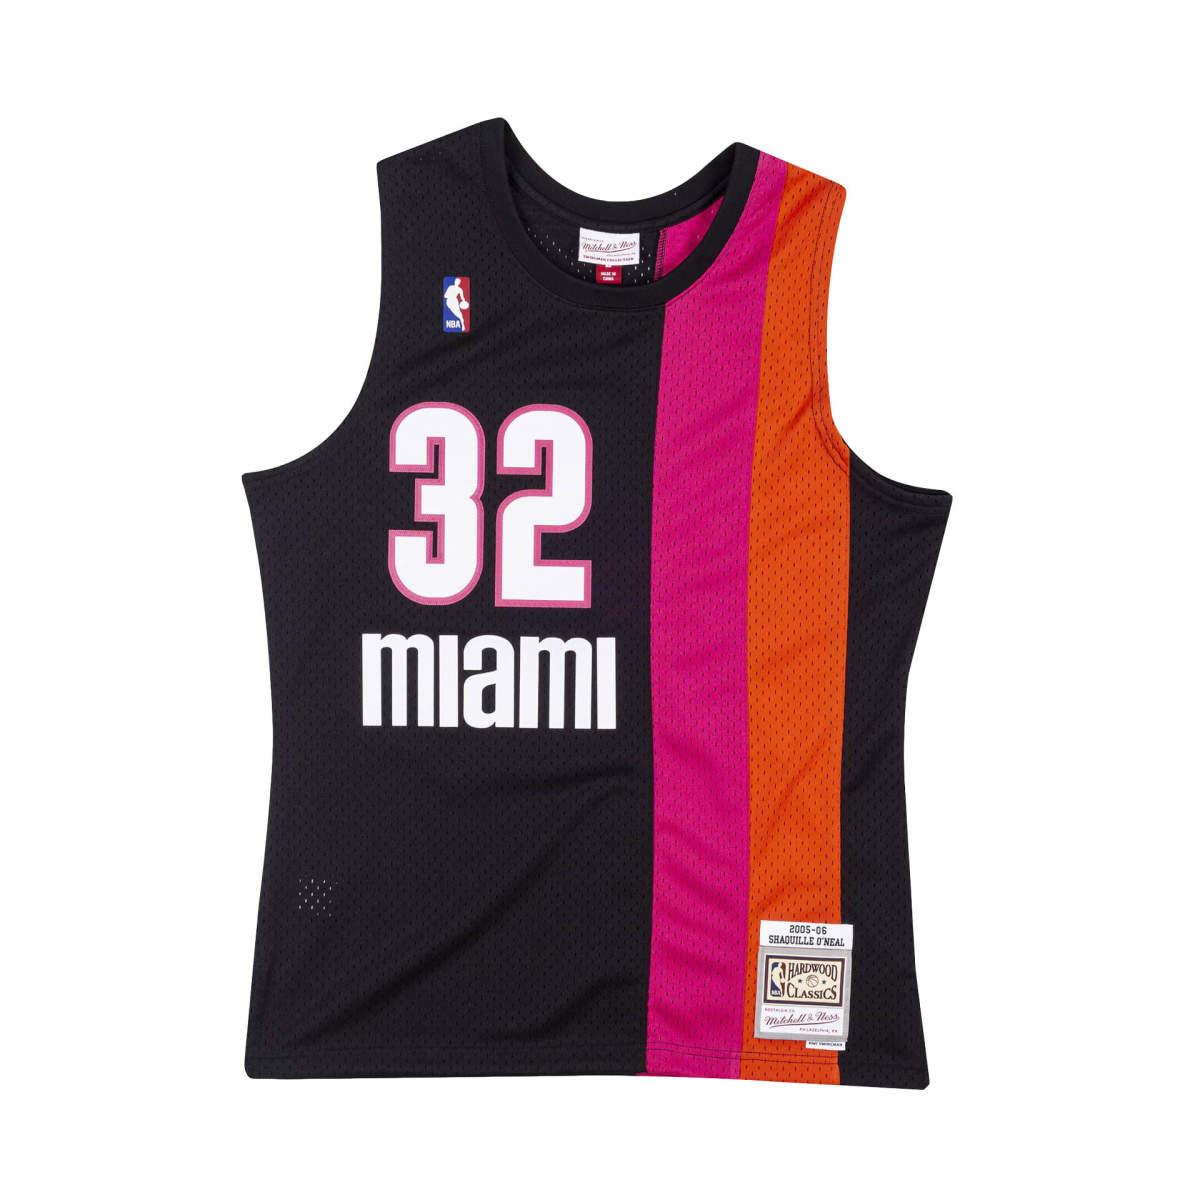 Miami heat swingman jersey 2005-06 oneal